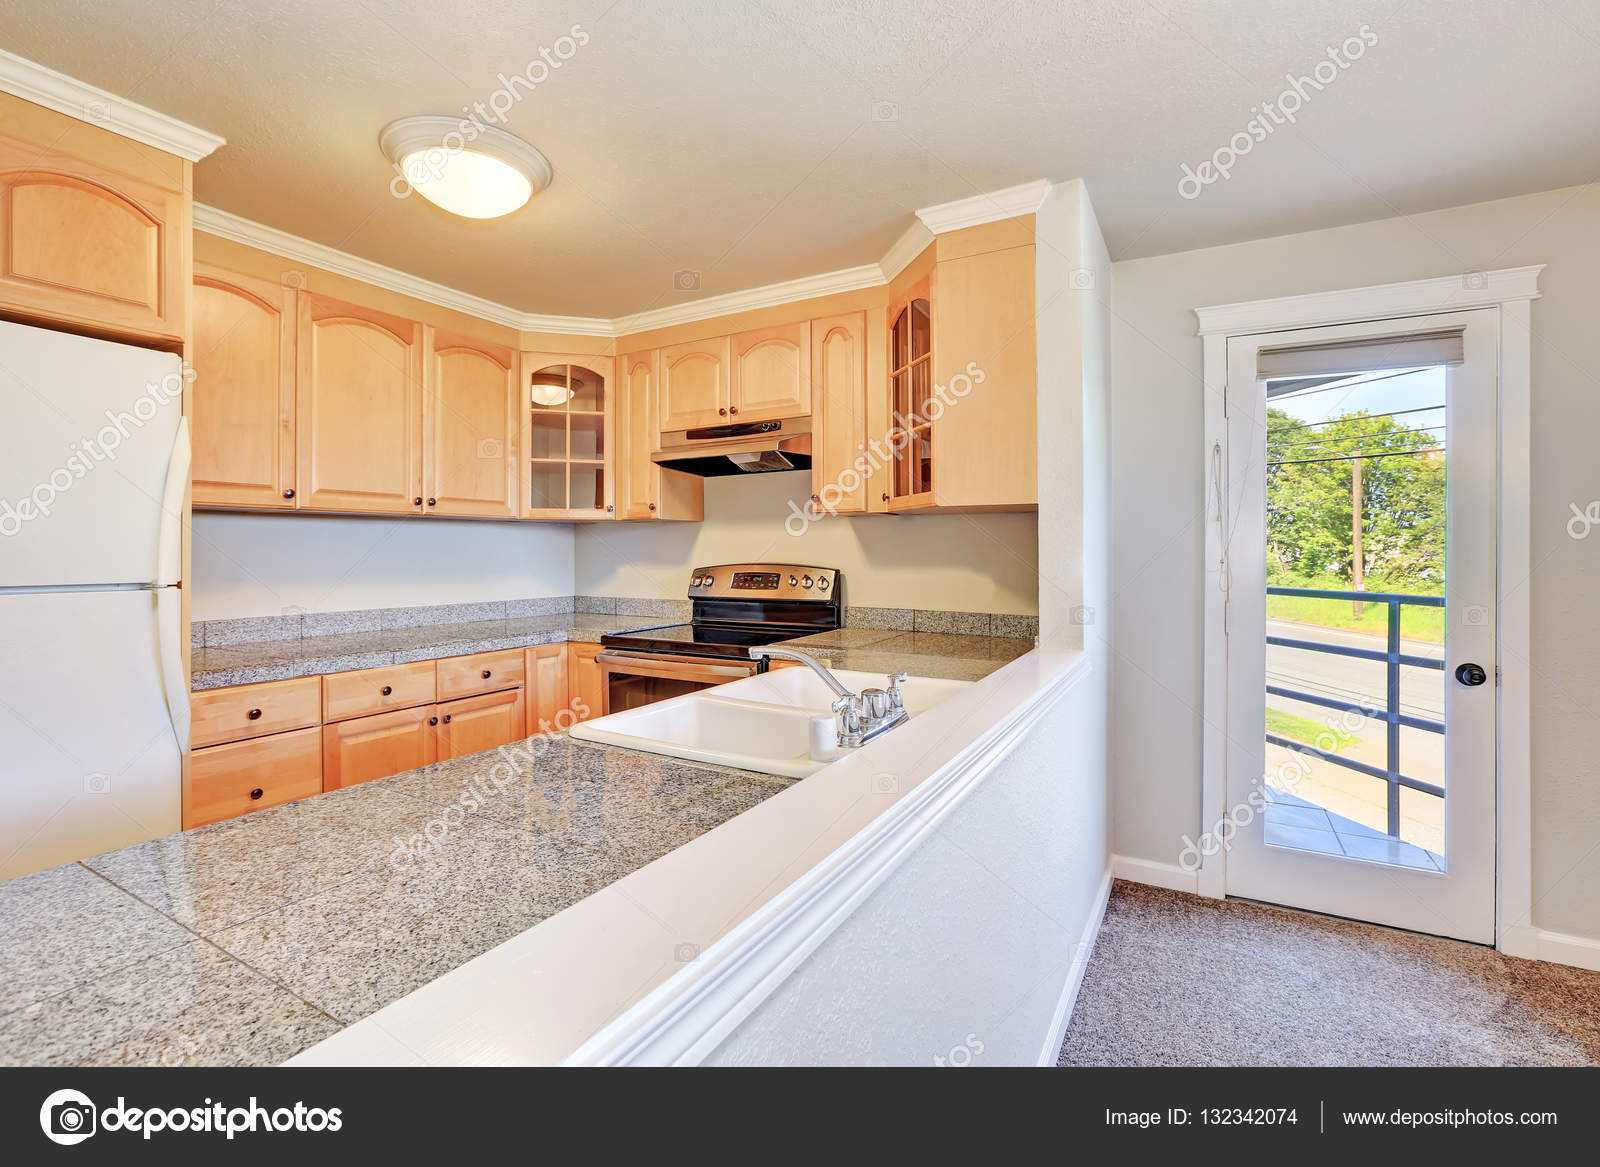 Wnętrze Pokoju Miła Kuchnia W Kształcie Litery U Zdjęcie